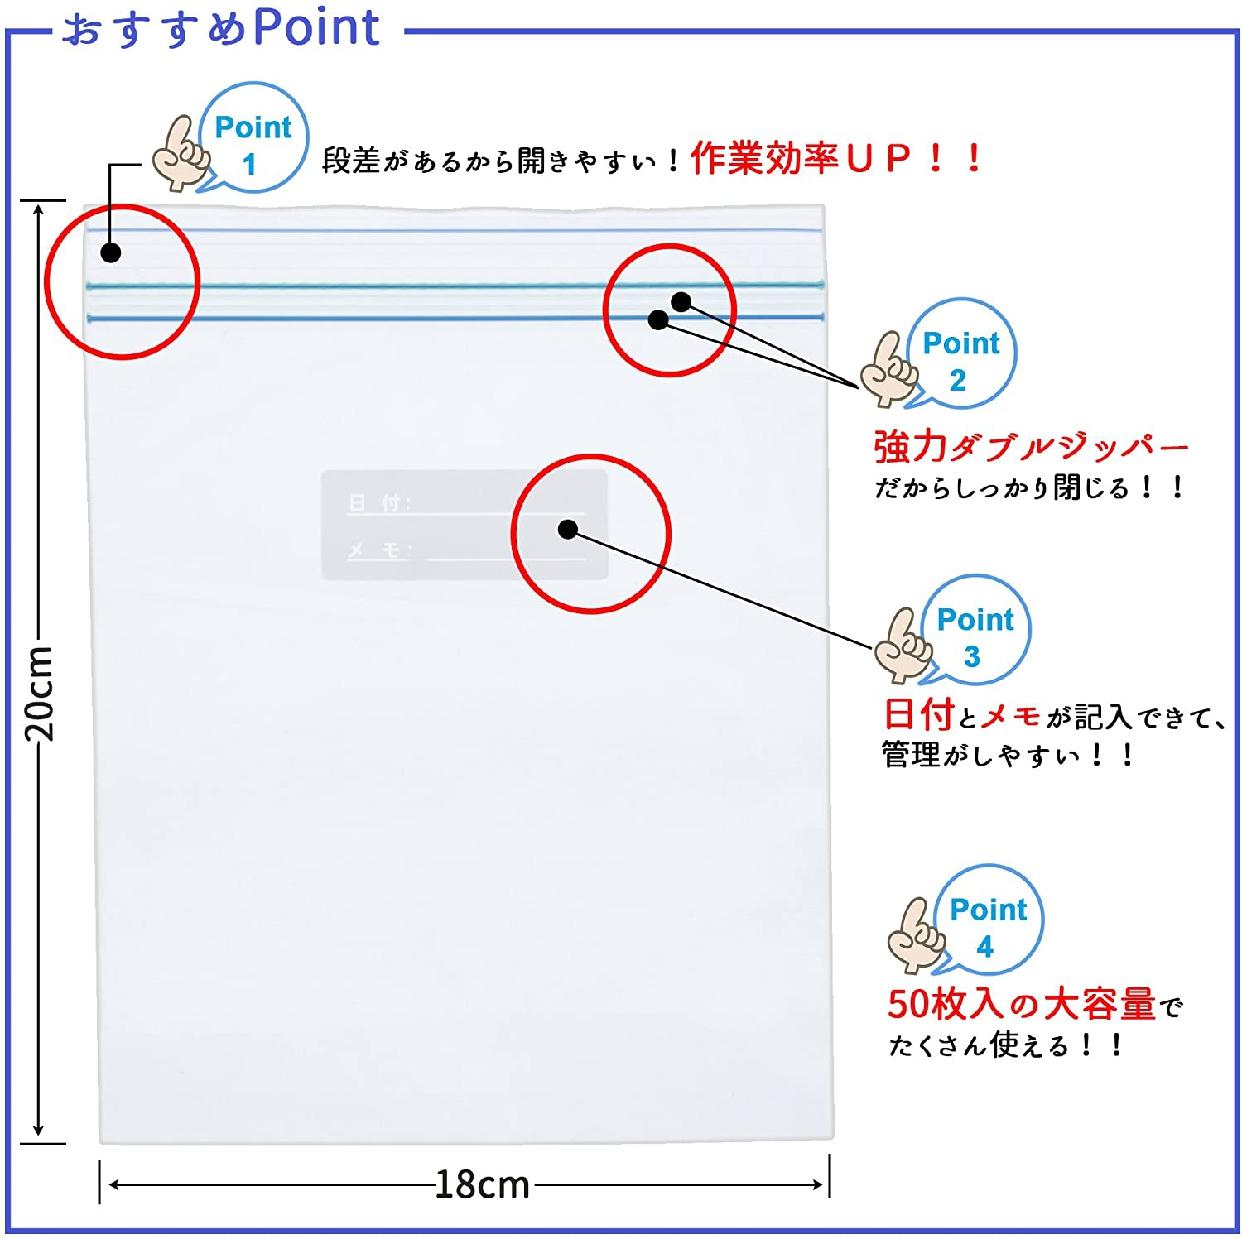 ハウスホールドジャパン フリーザーバッグ ダブルジッパー 冷凍保存用 M KZ15の商品画像4